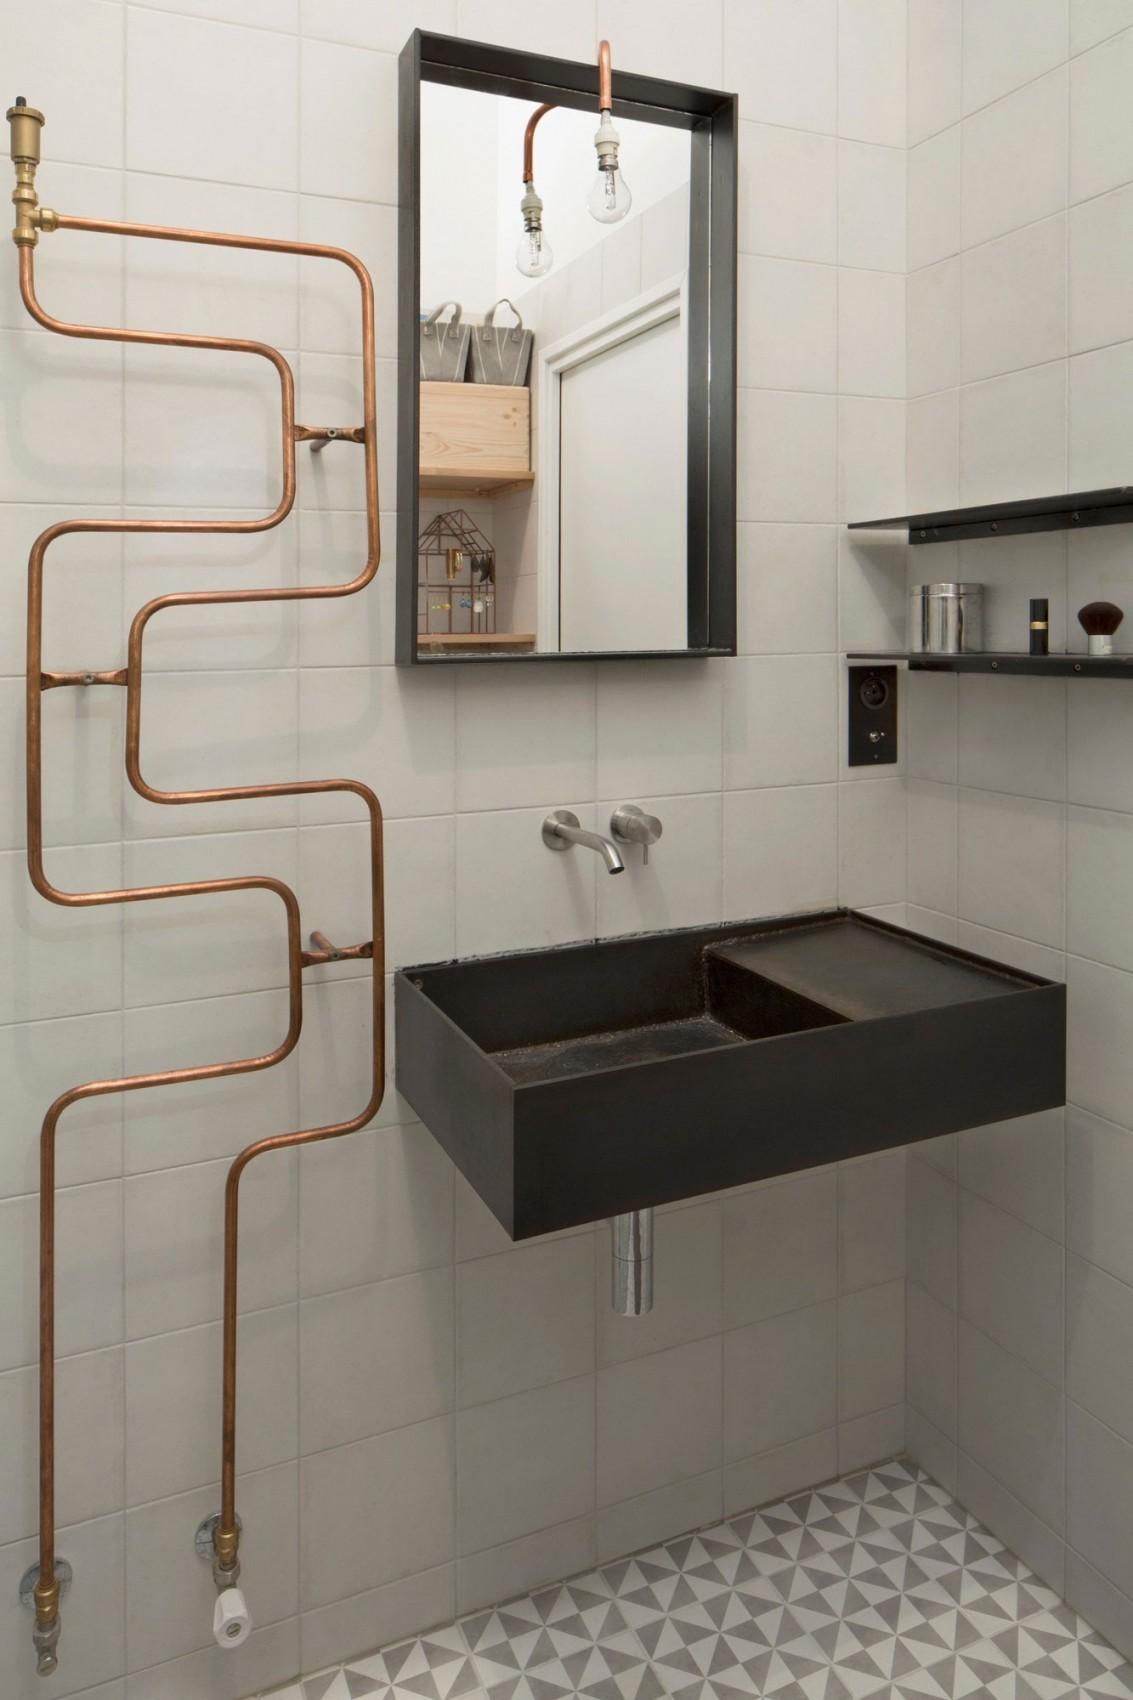 Paris Loft Renovation Bathroom Copper Accents